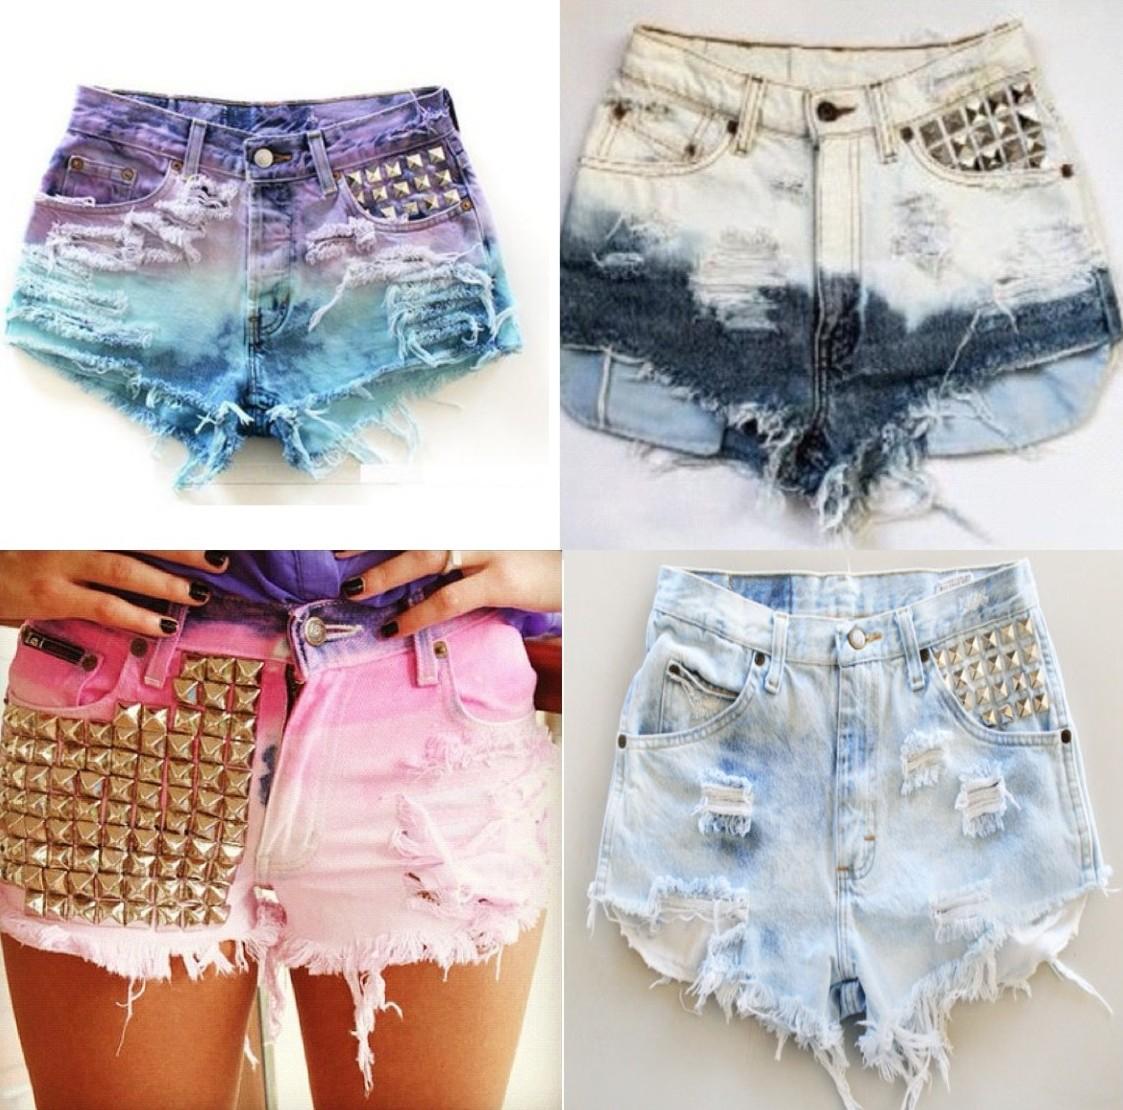 Quanto mais detonado melhor!!! - Destroyed Jeans! | 2 Girls About Town